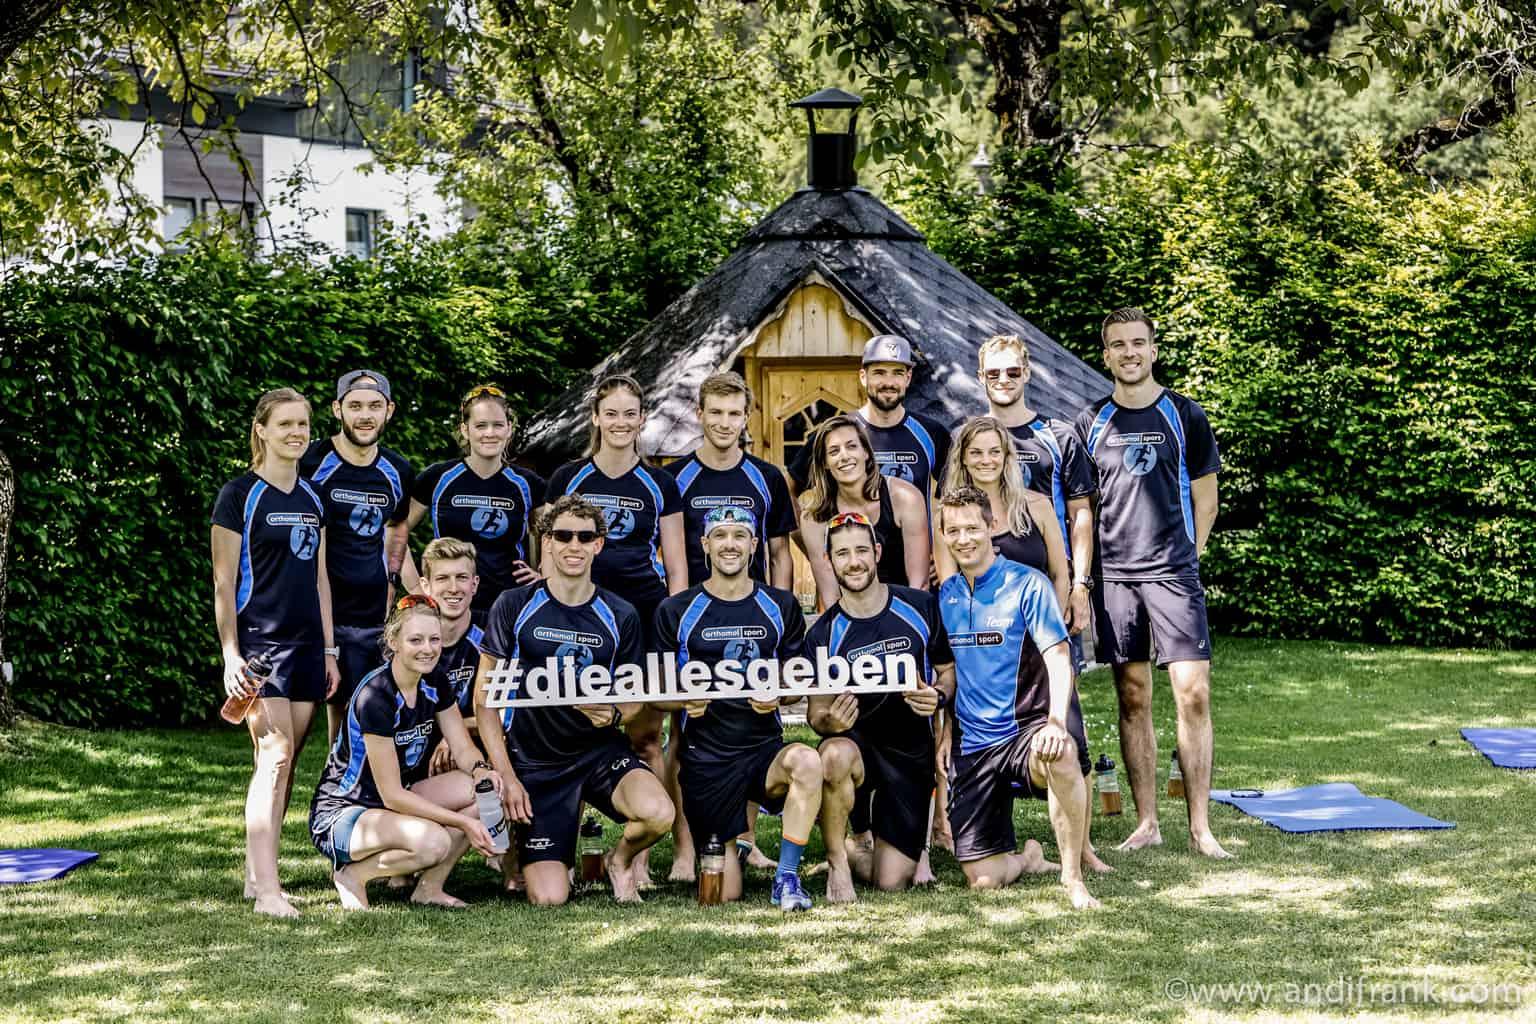 #VollgasmitPatrickLange - ein Triathlon Wochenende mit Orthomol Sport